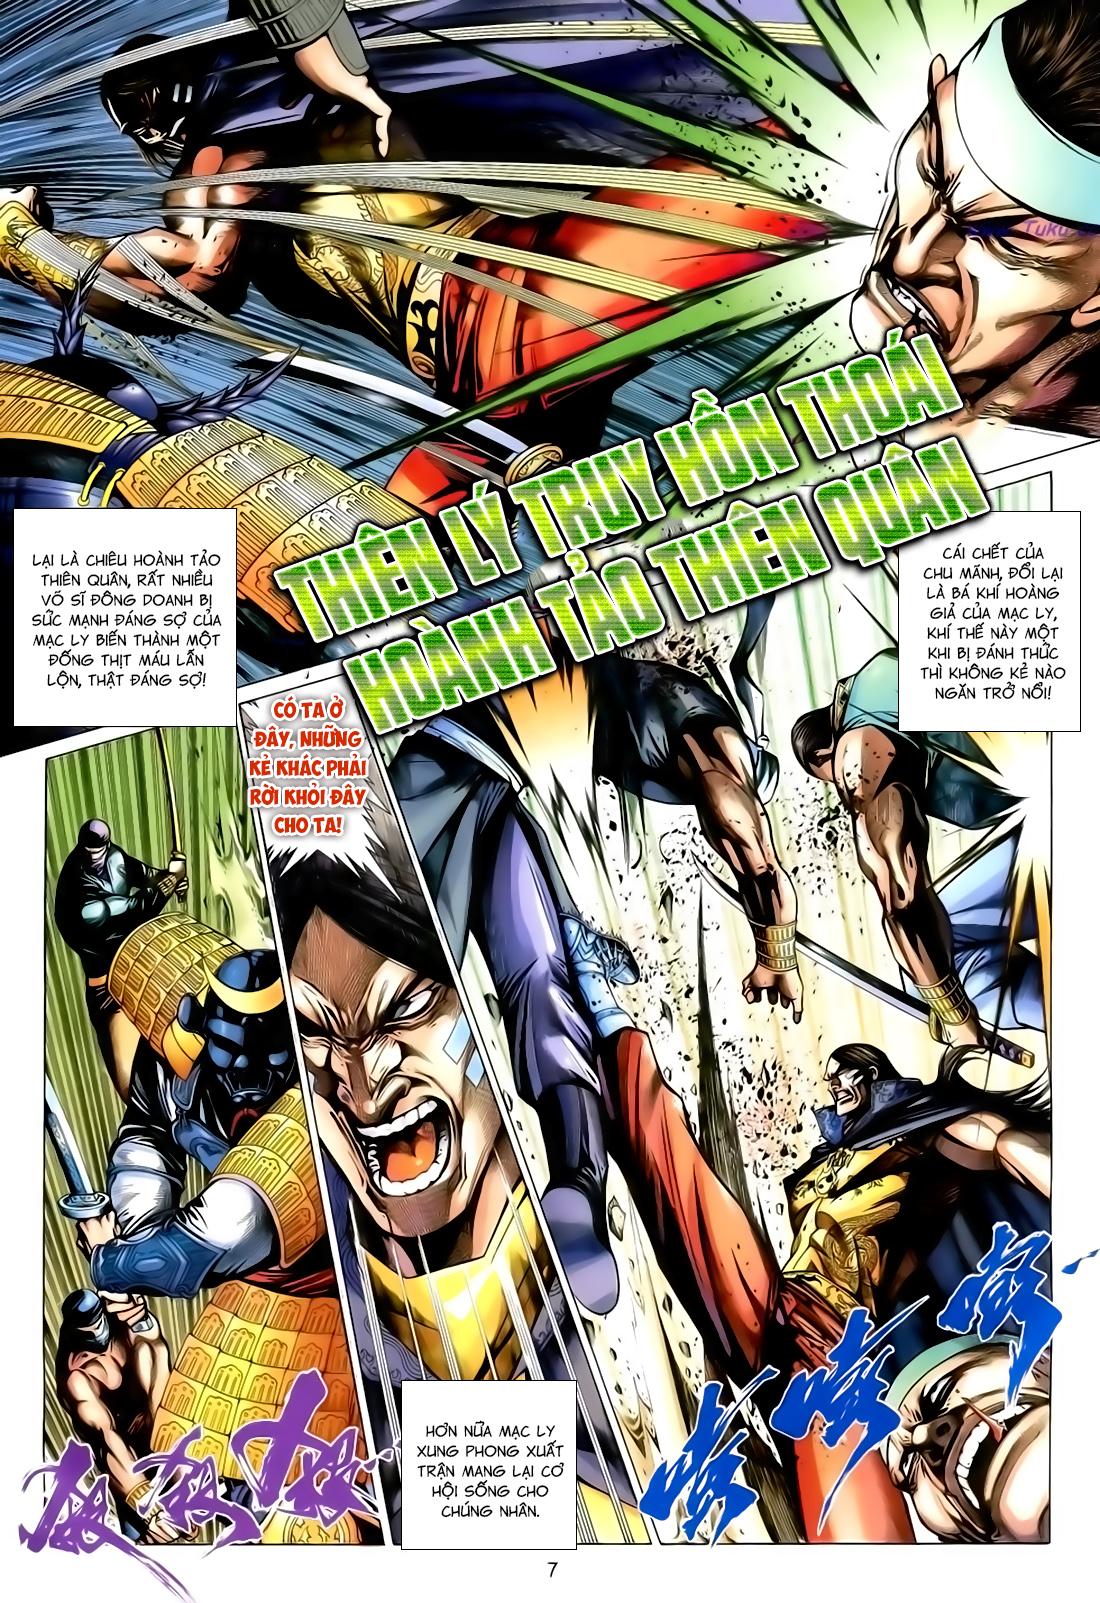 Anh Hùng Vô Lệ Chap 167 - Trang 7